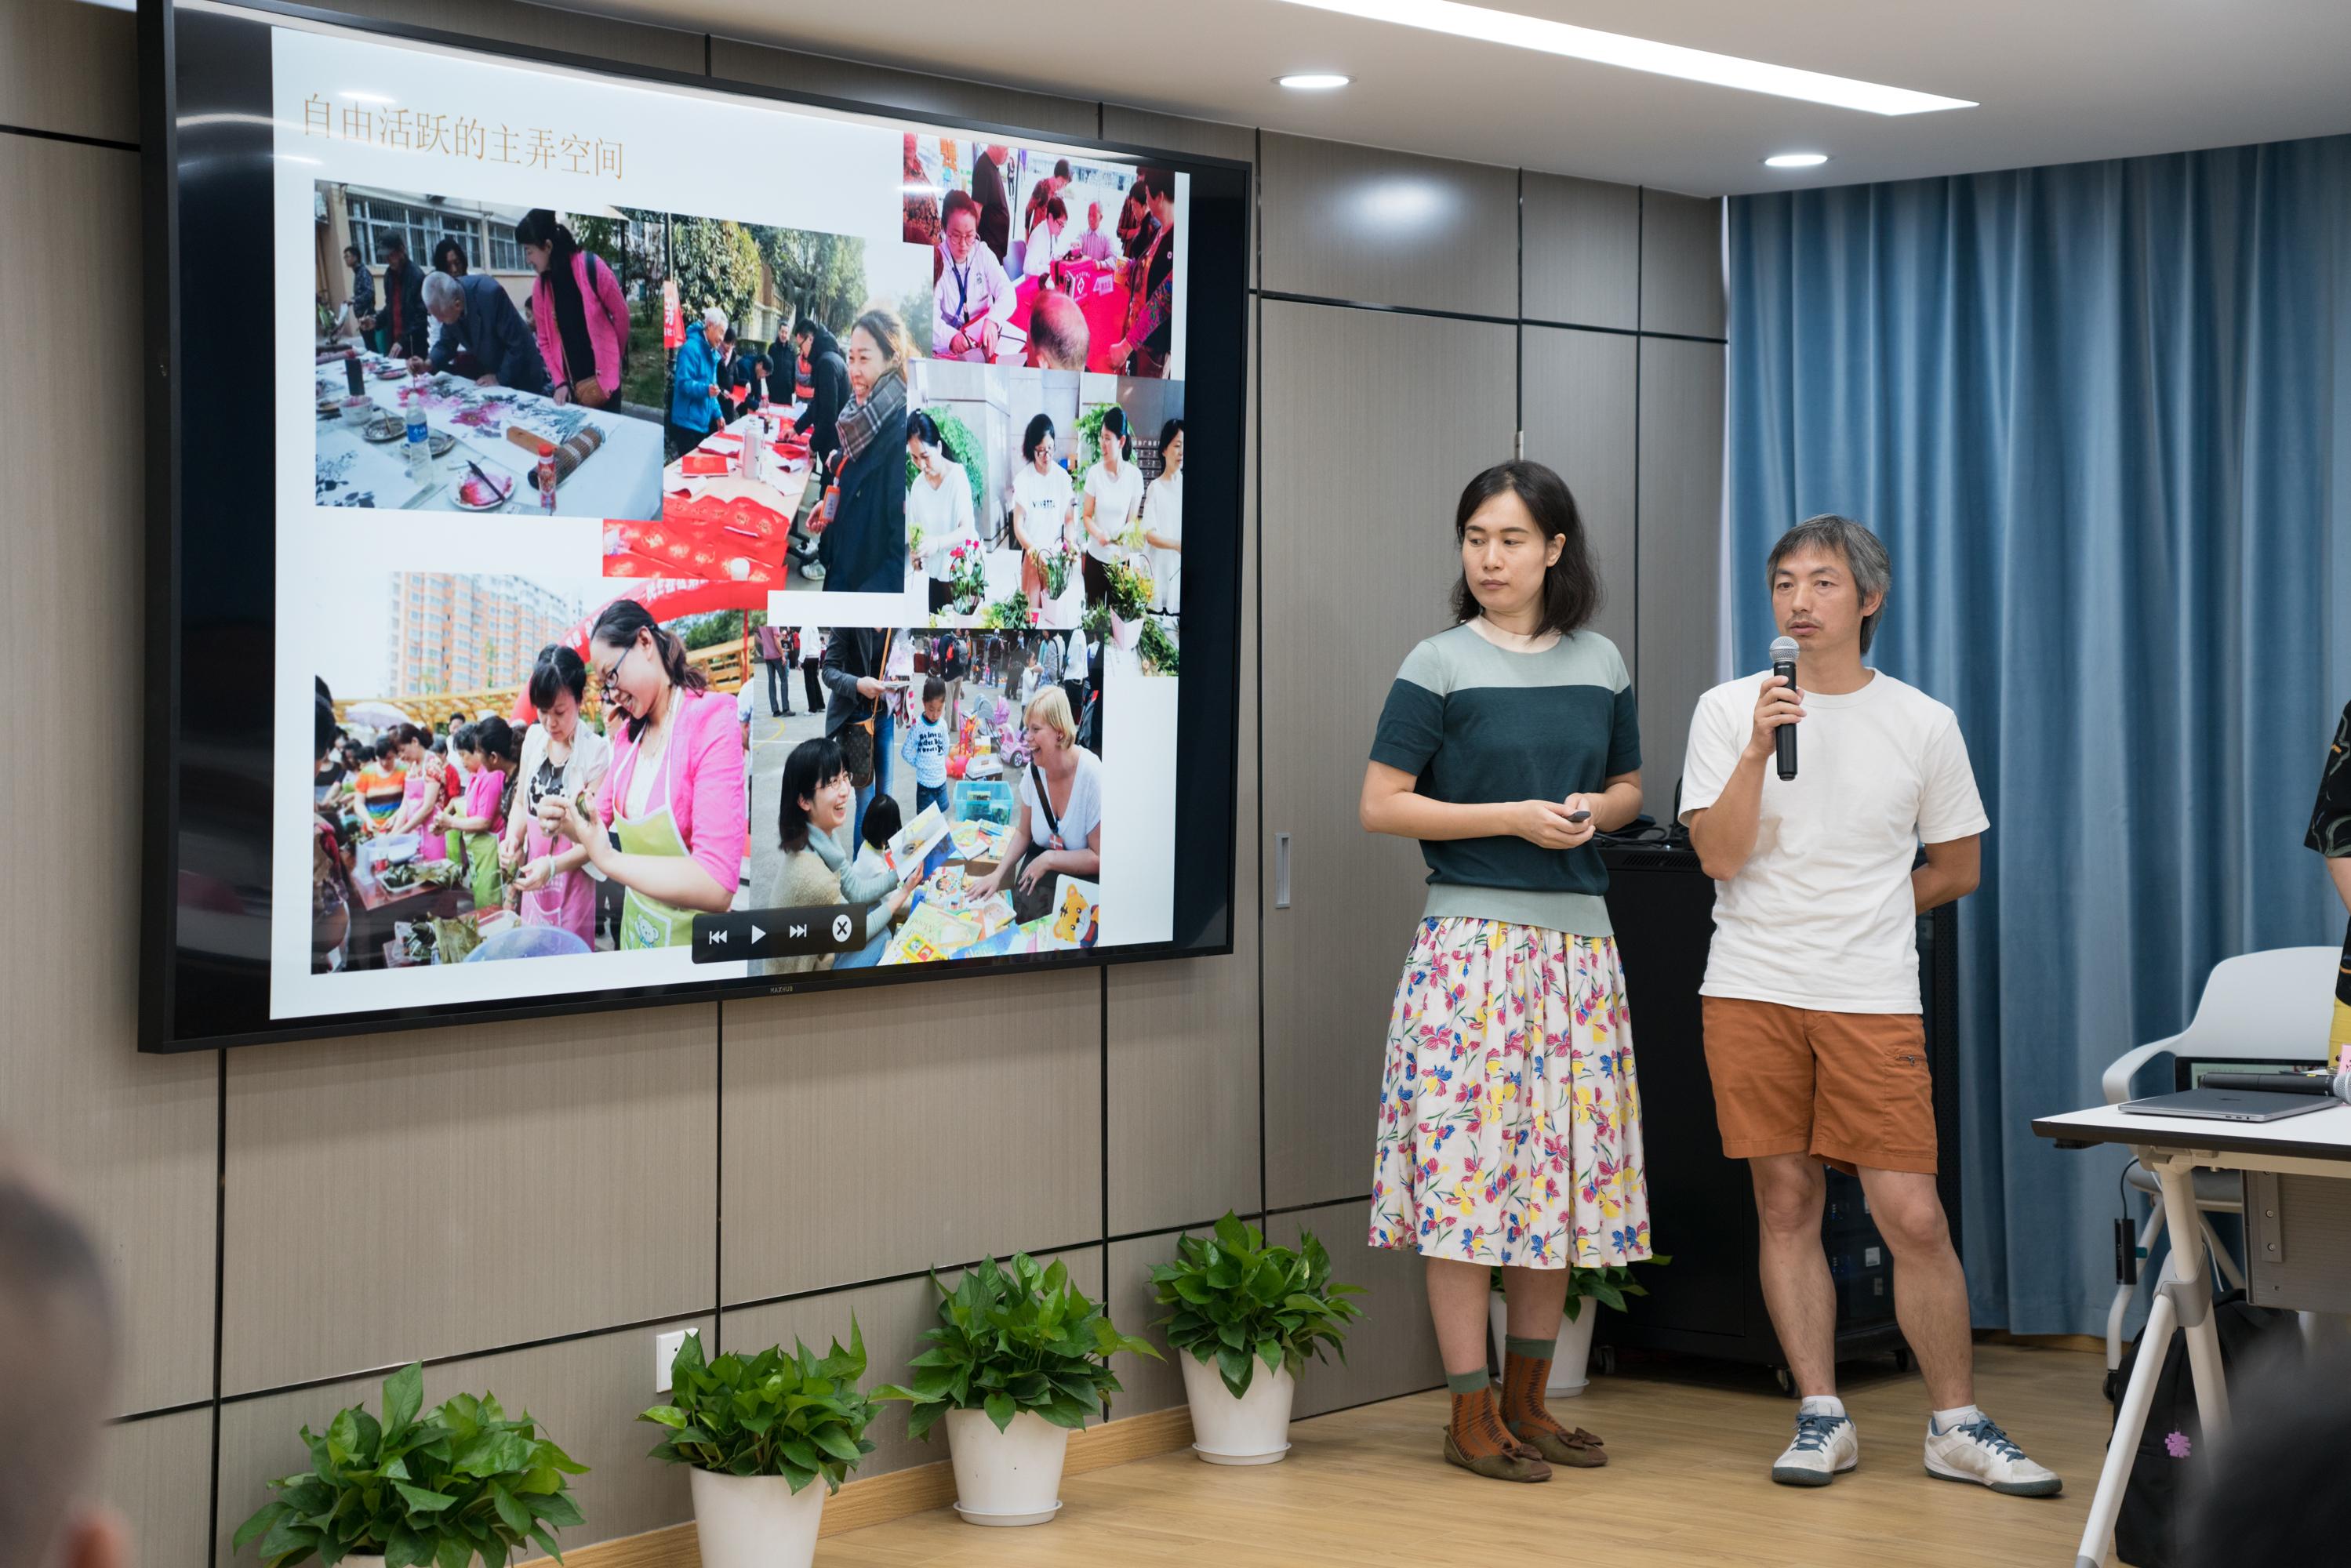 西知(上海)设计咨询有限公司正在汇报。团队成员:NISIDA TOMOMI、张虎;组长:NISIDA TOMOMI。